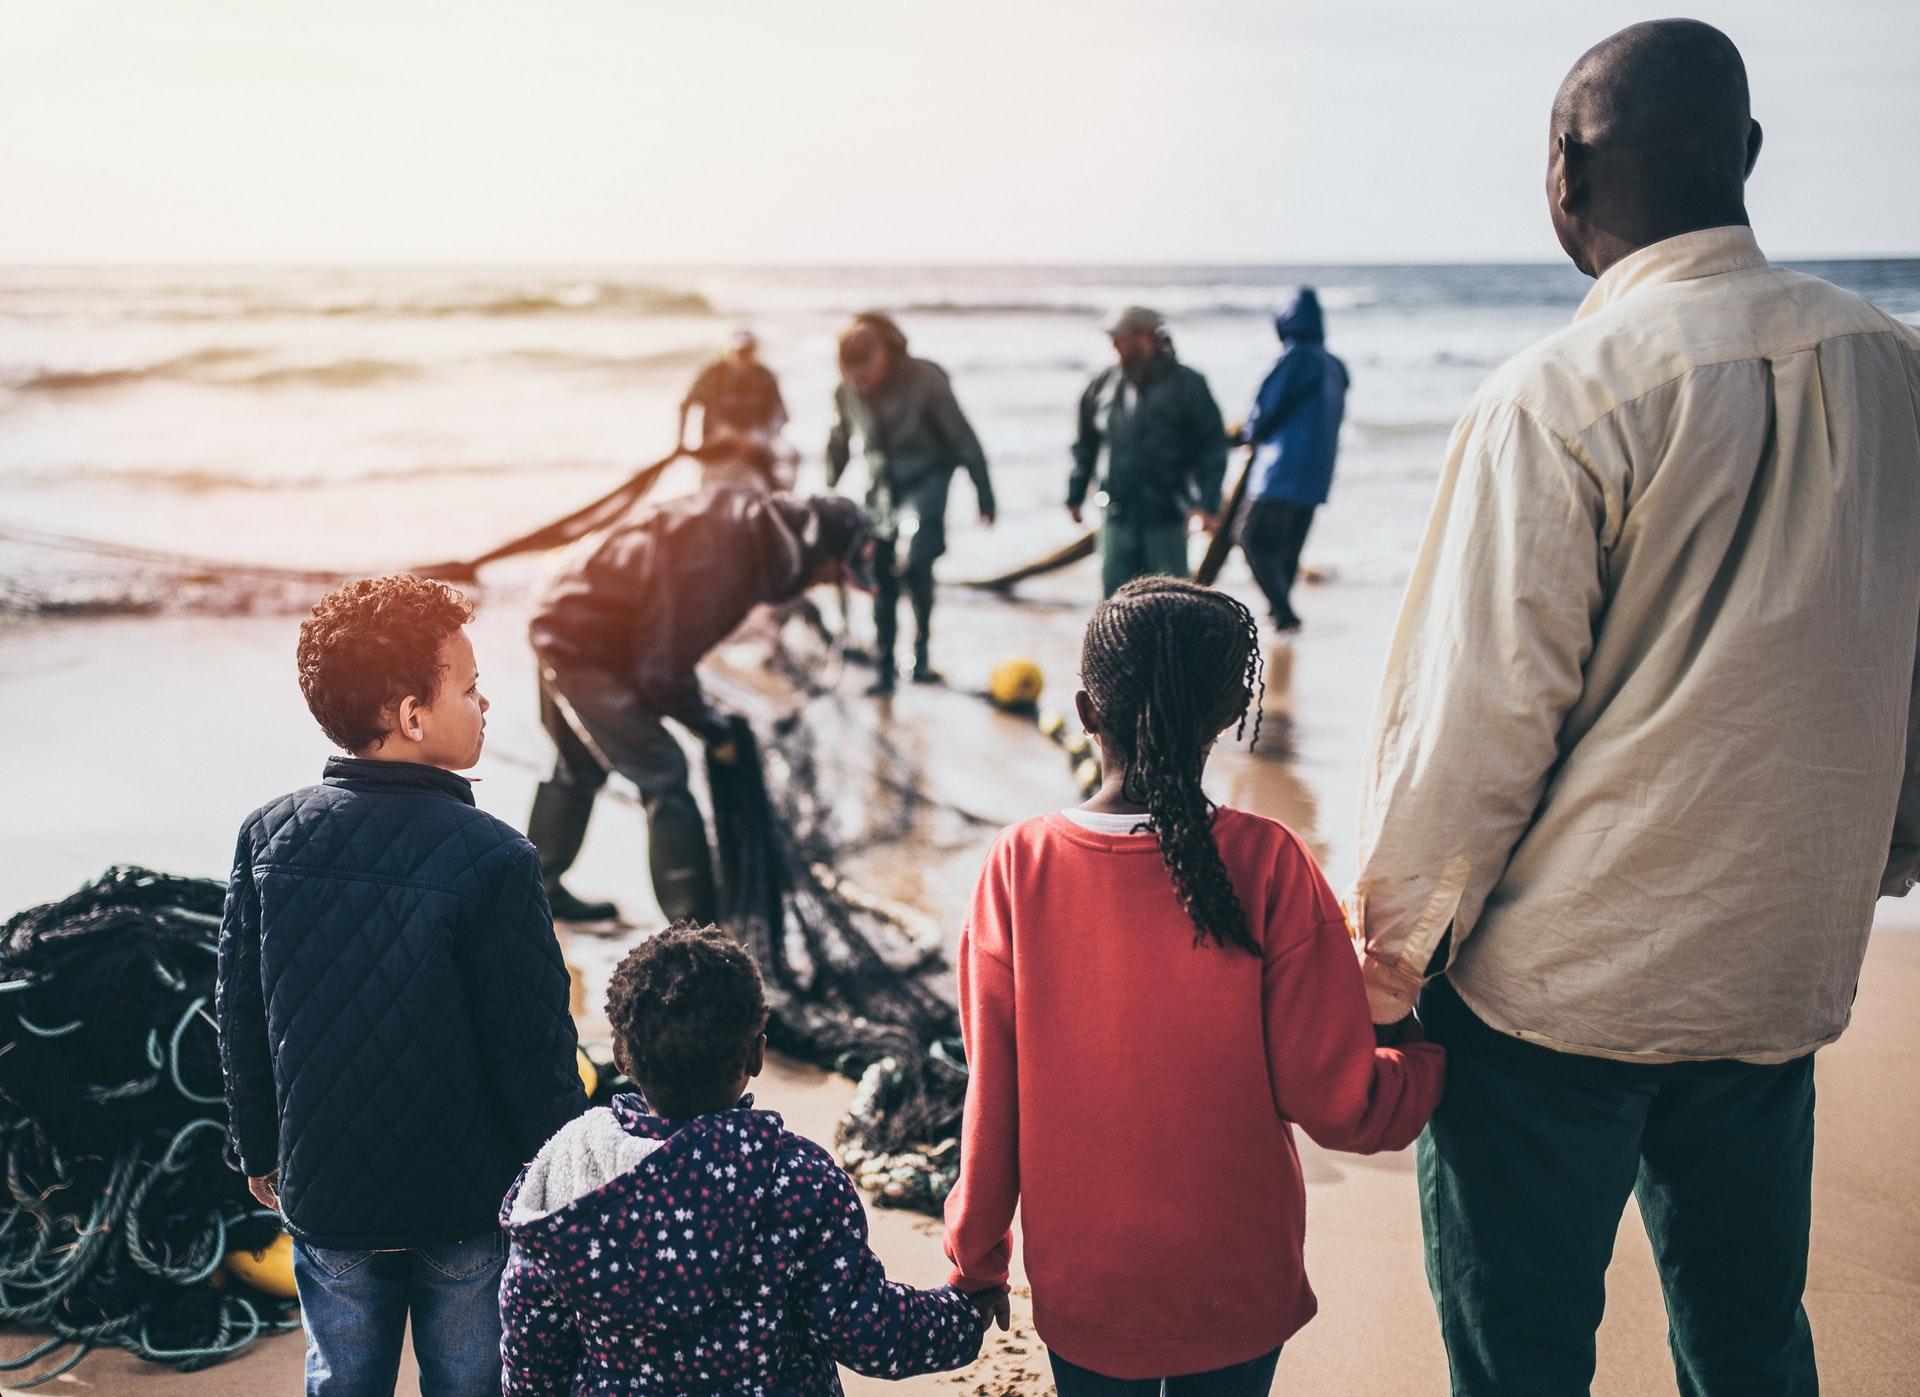 UN meldet weltweiten Höchststand an Flüchtlingen